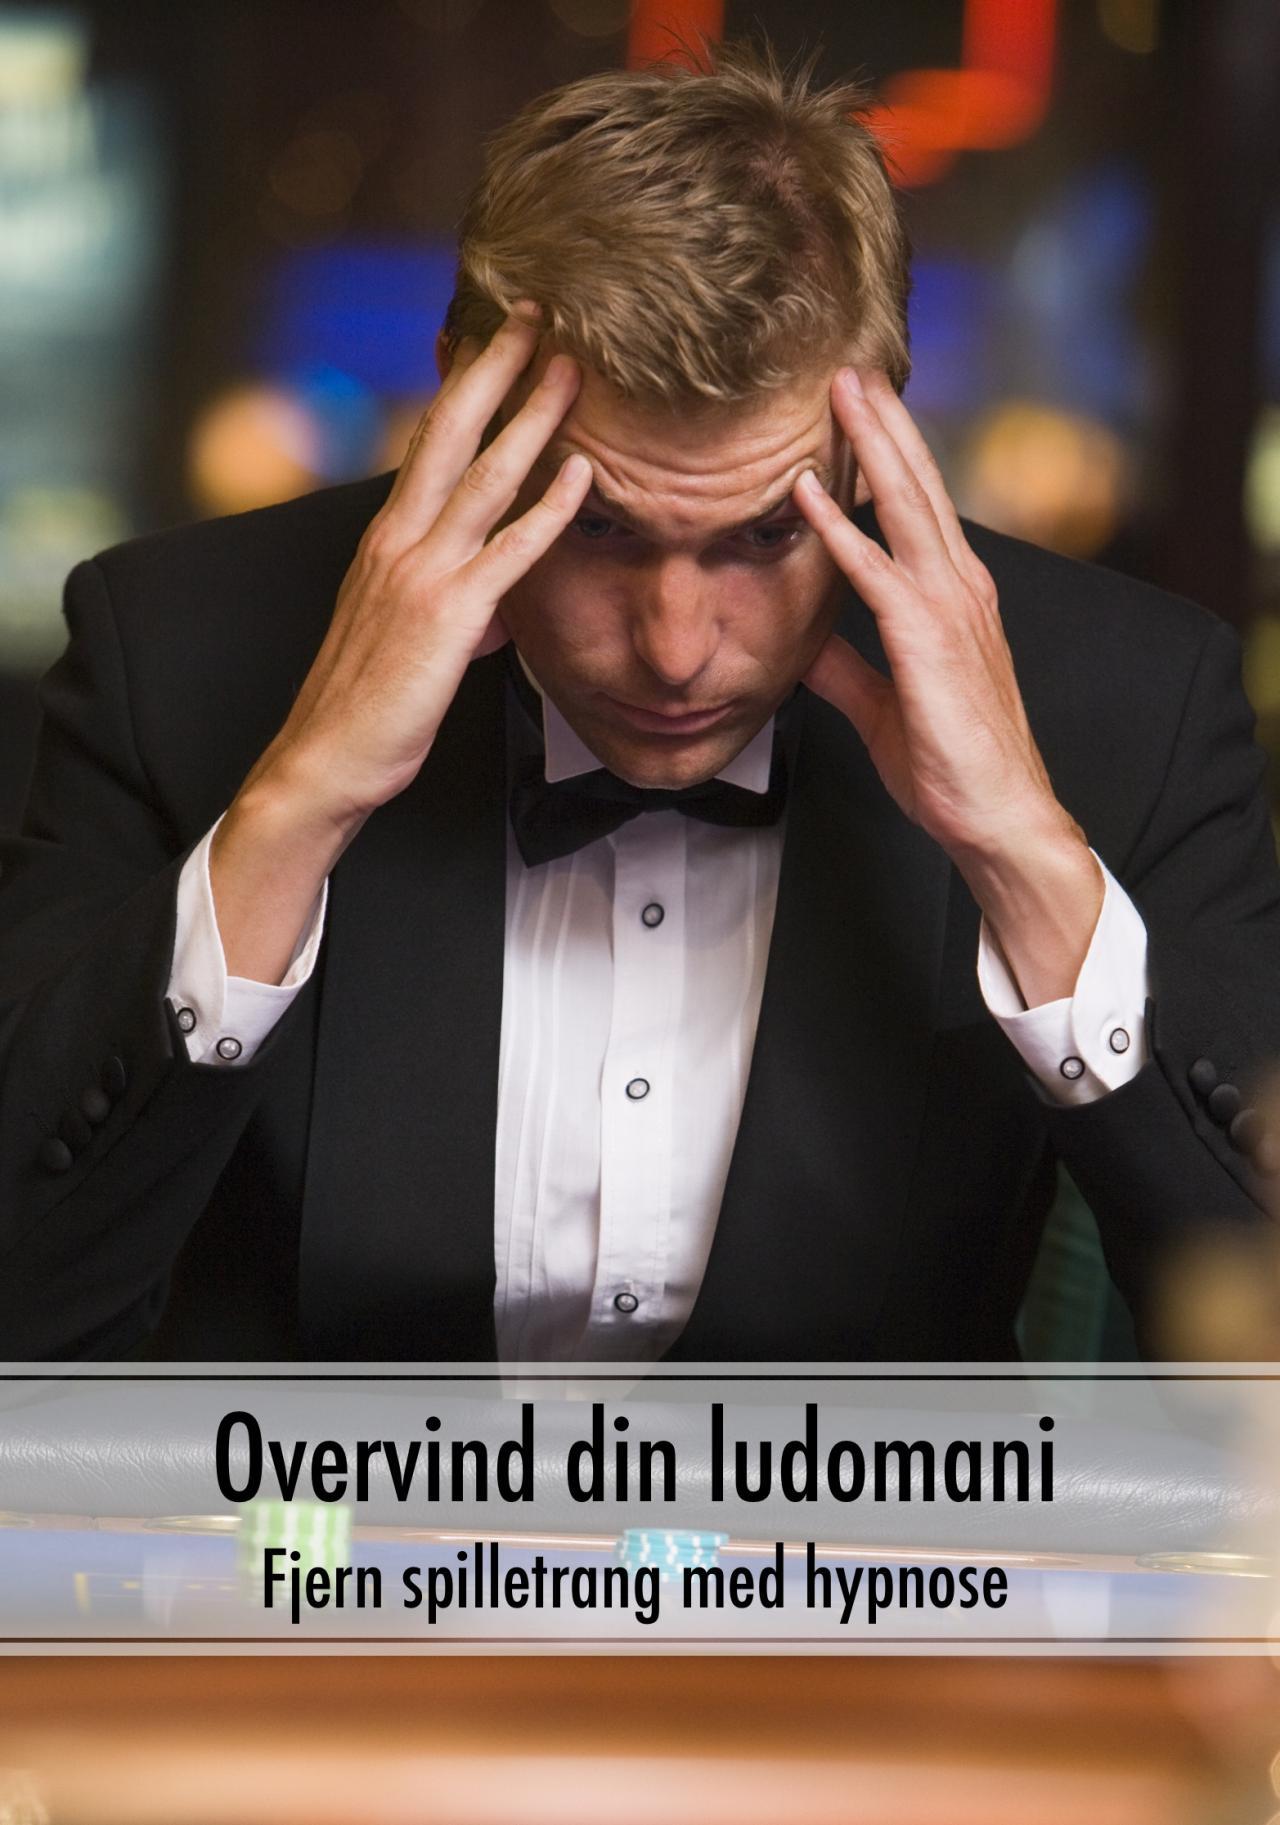 N/A Overvind din ludomani  -  dæmp spilletrang med hypnose fra mindly.dk